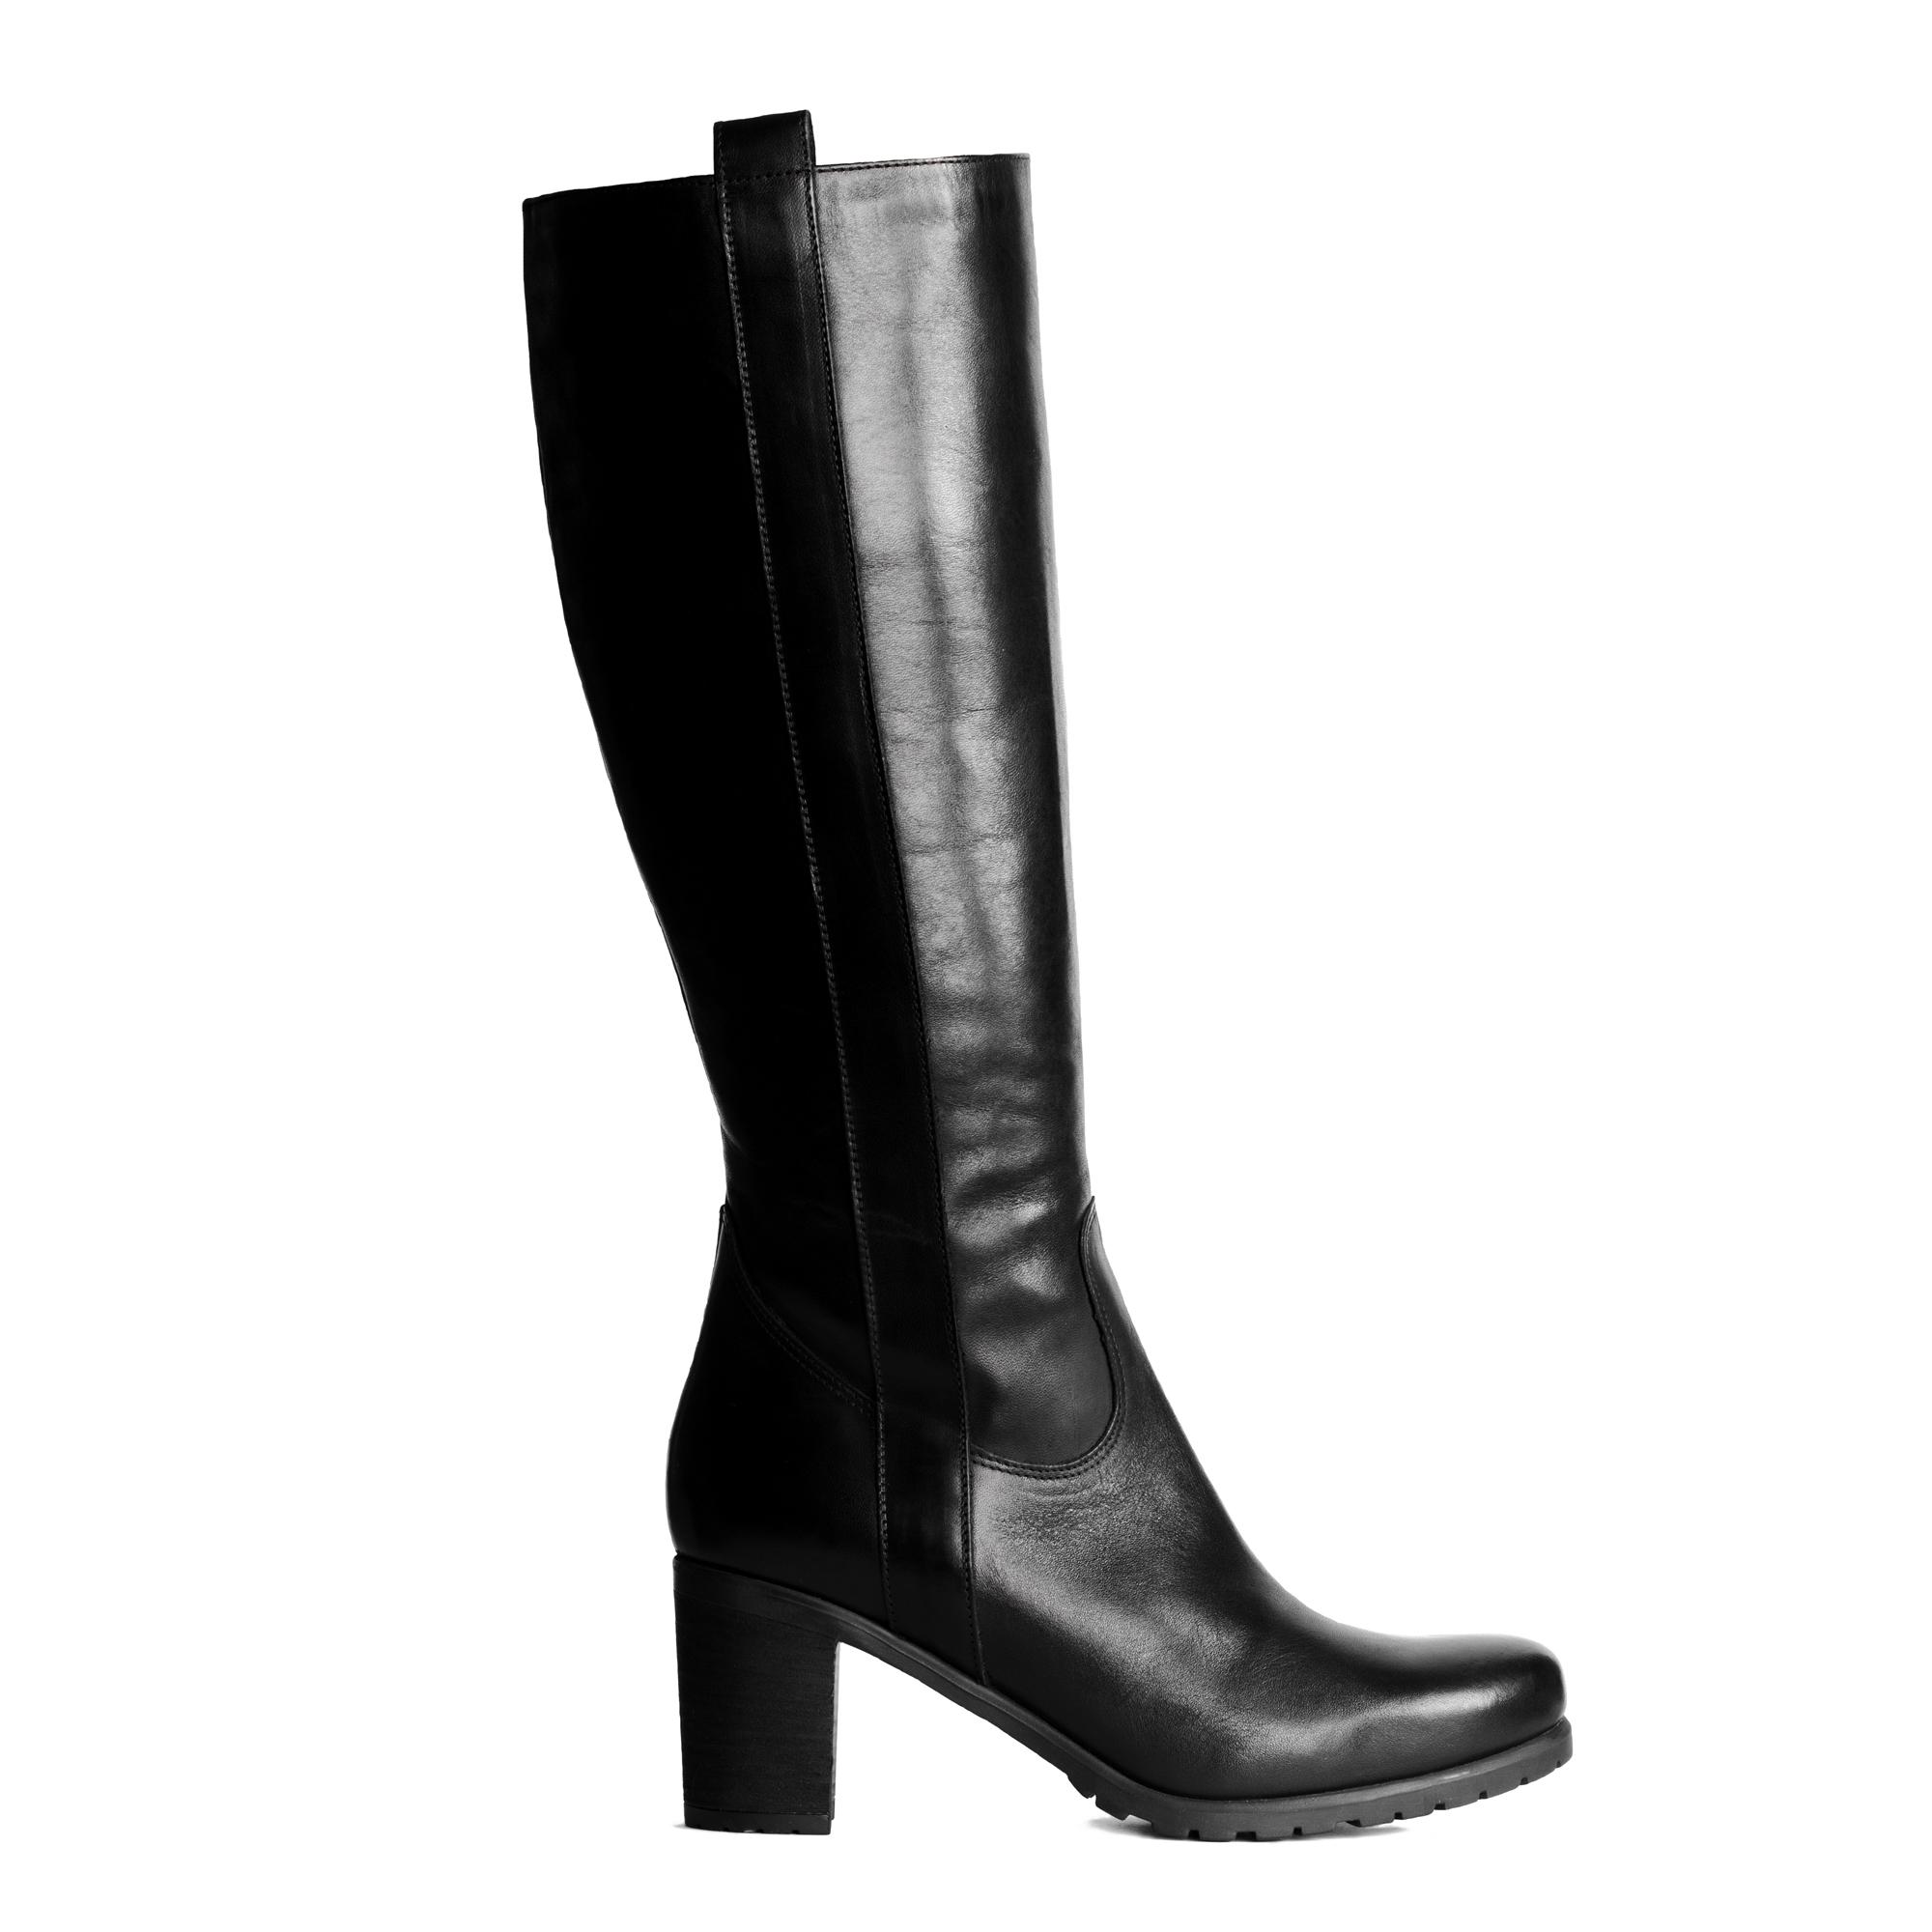 Кожаные сапоги черного цвета на среднем широком каблуке, Черный